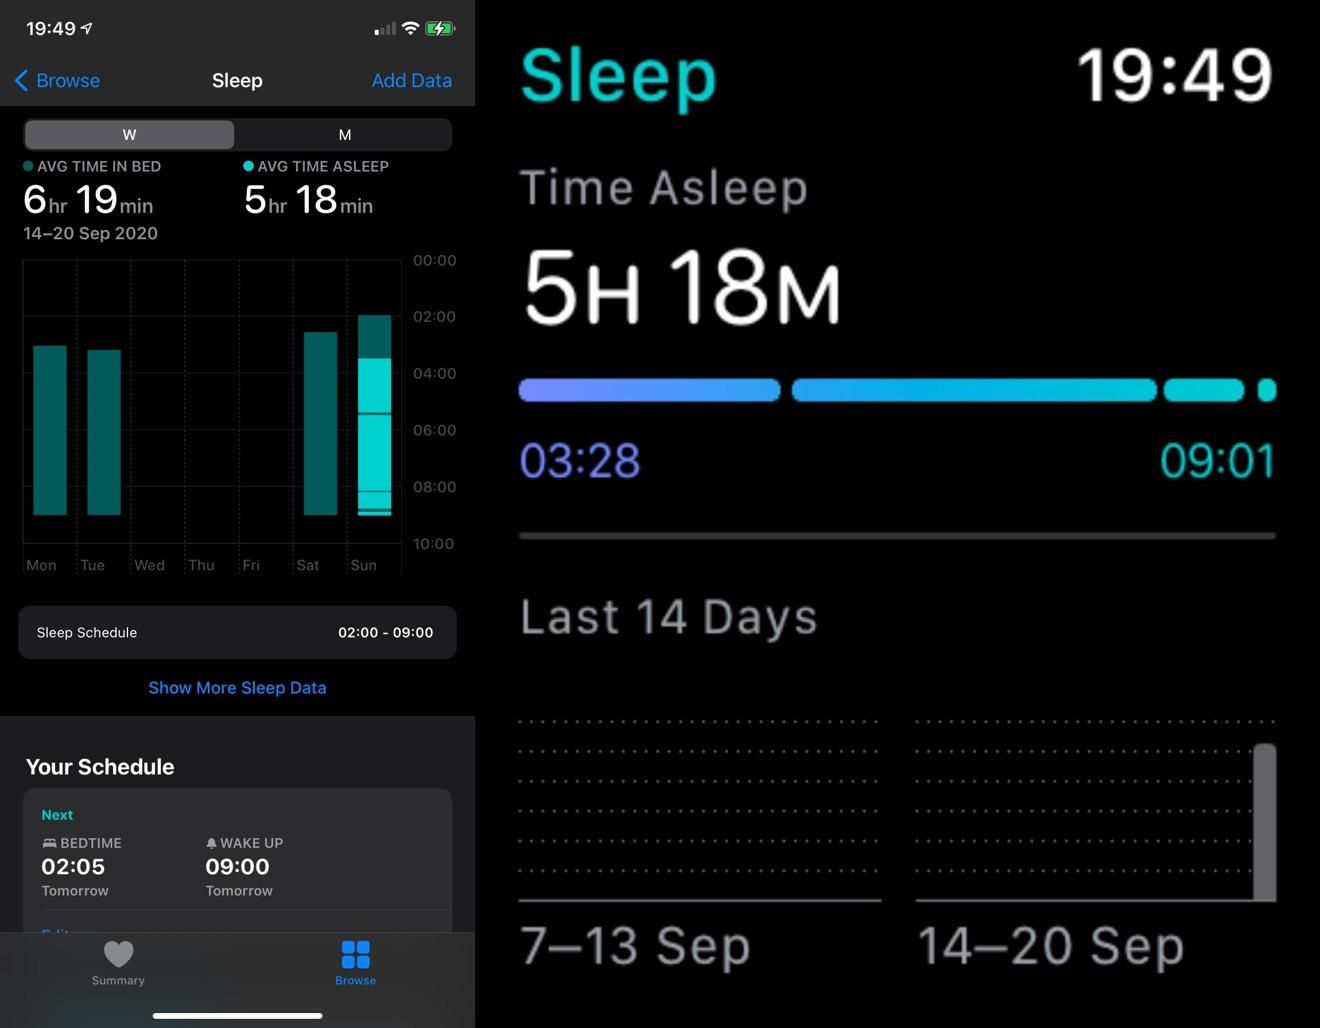 Cả Apple Watch và iPhone đều cung cấp dữ liệu theo dõi giấc ngủ.